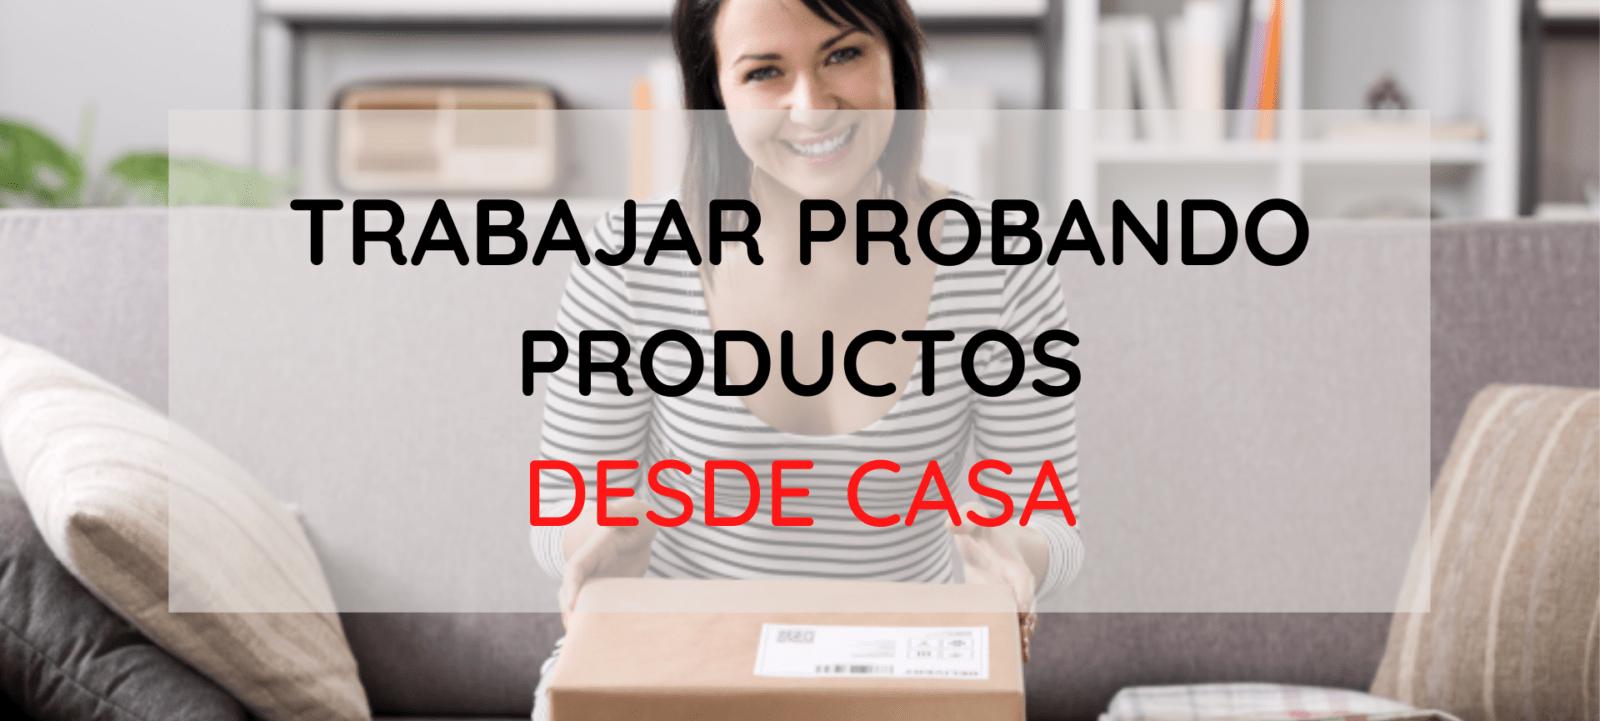 Trabajar probando productos desde casa. Ser probador de productos gratis.